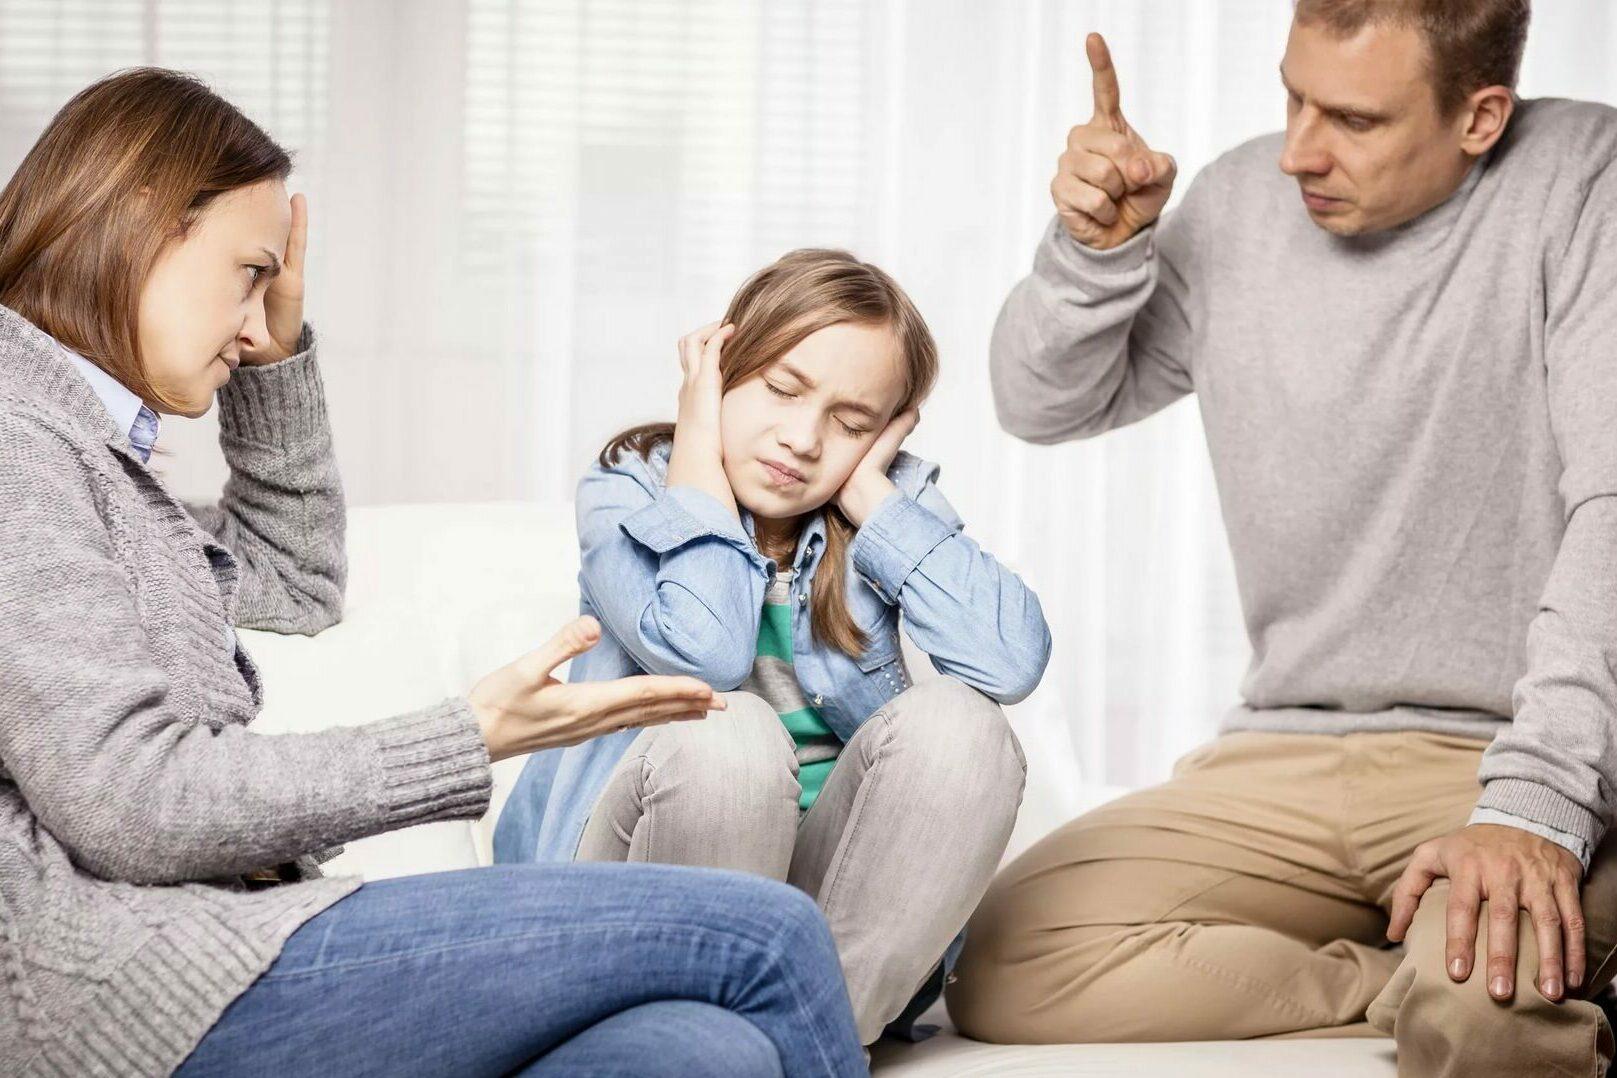 Вебинар <br>«Правильный родитель – неправильный родитель. Родительские ошибки»